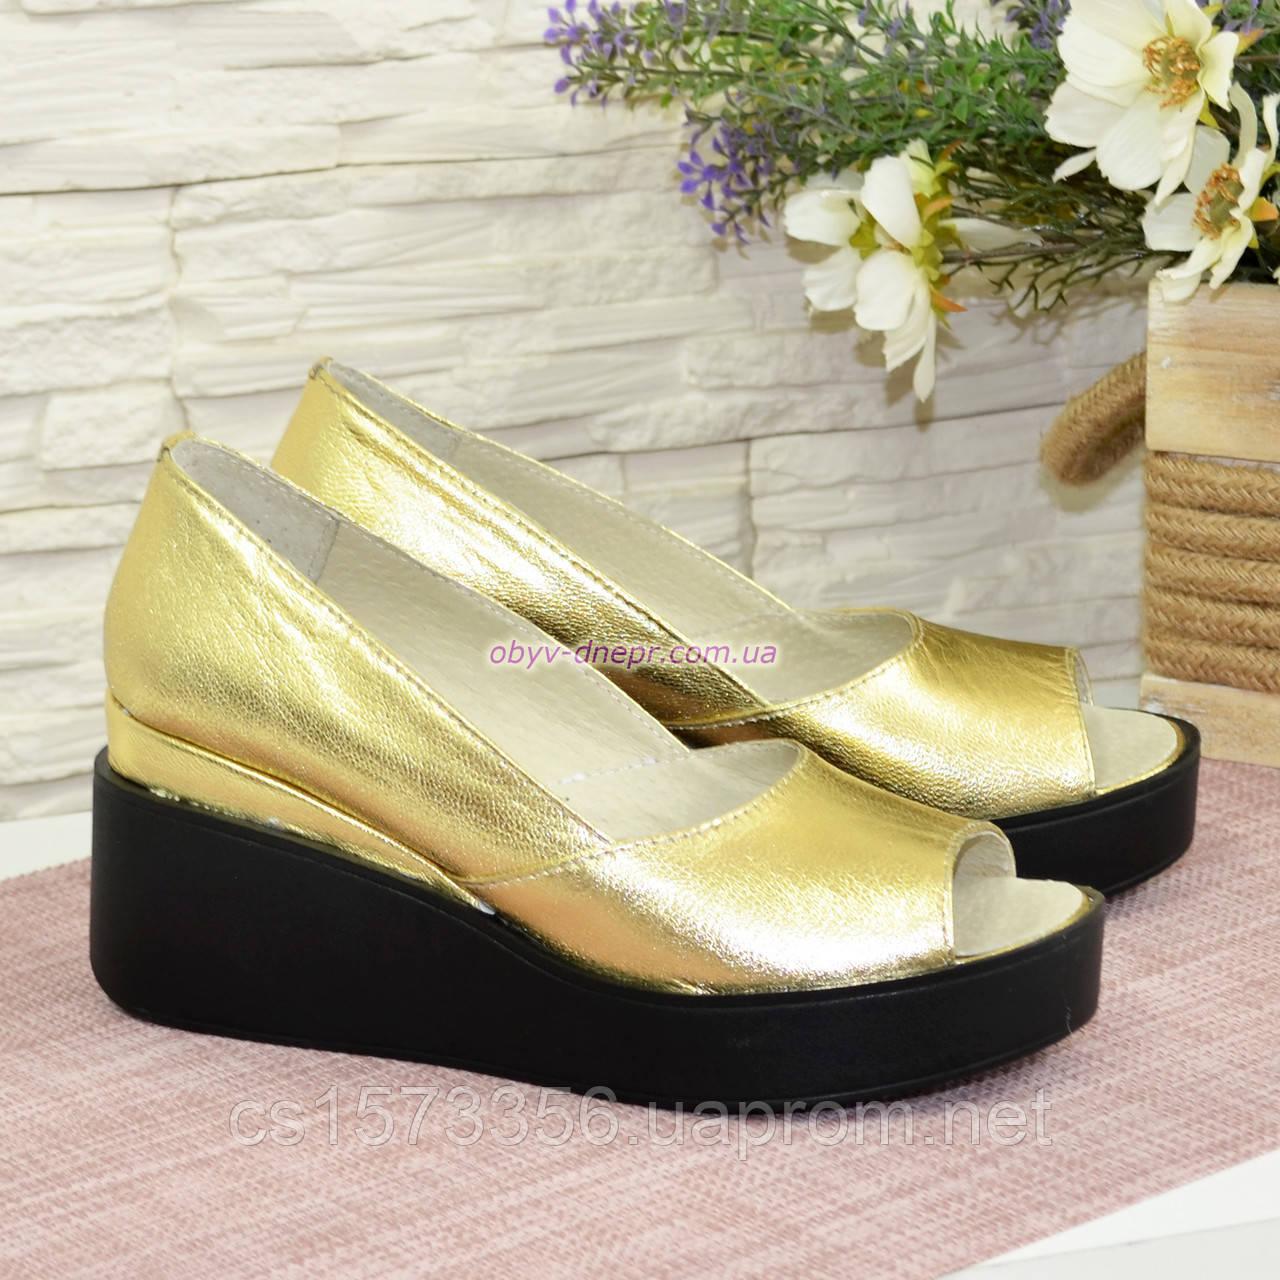 Туфли женские кожаные с открытым носком. Цвет золото